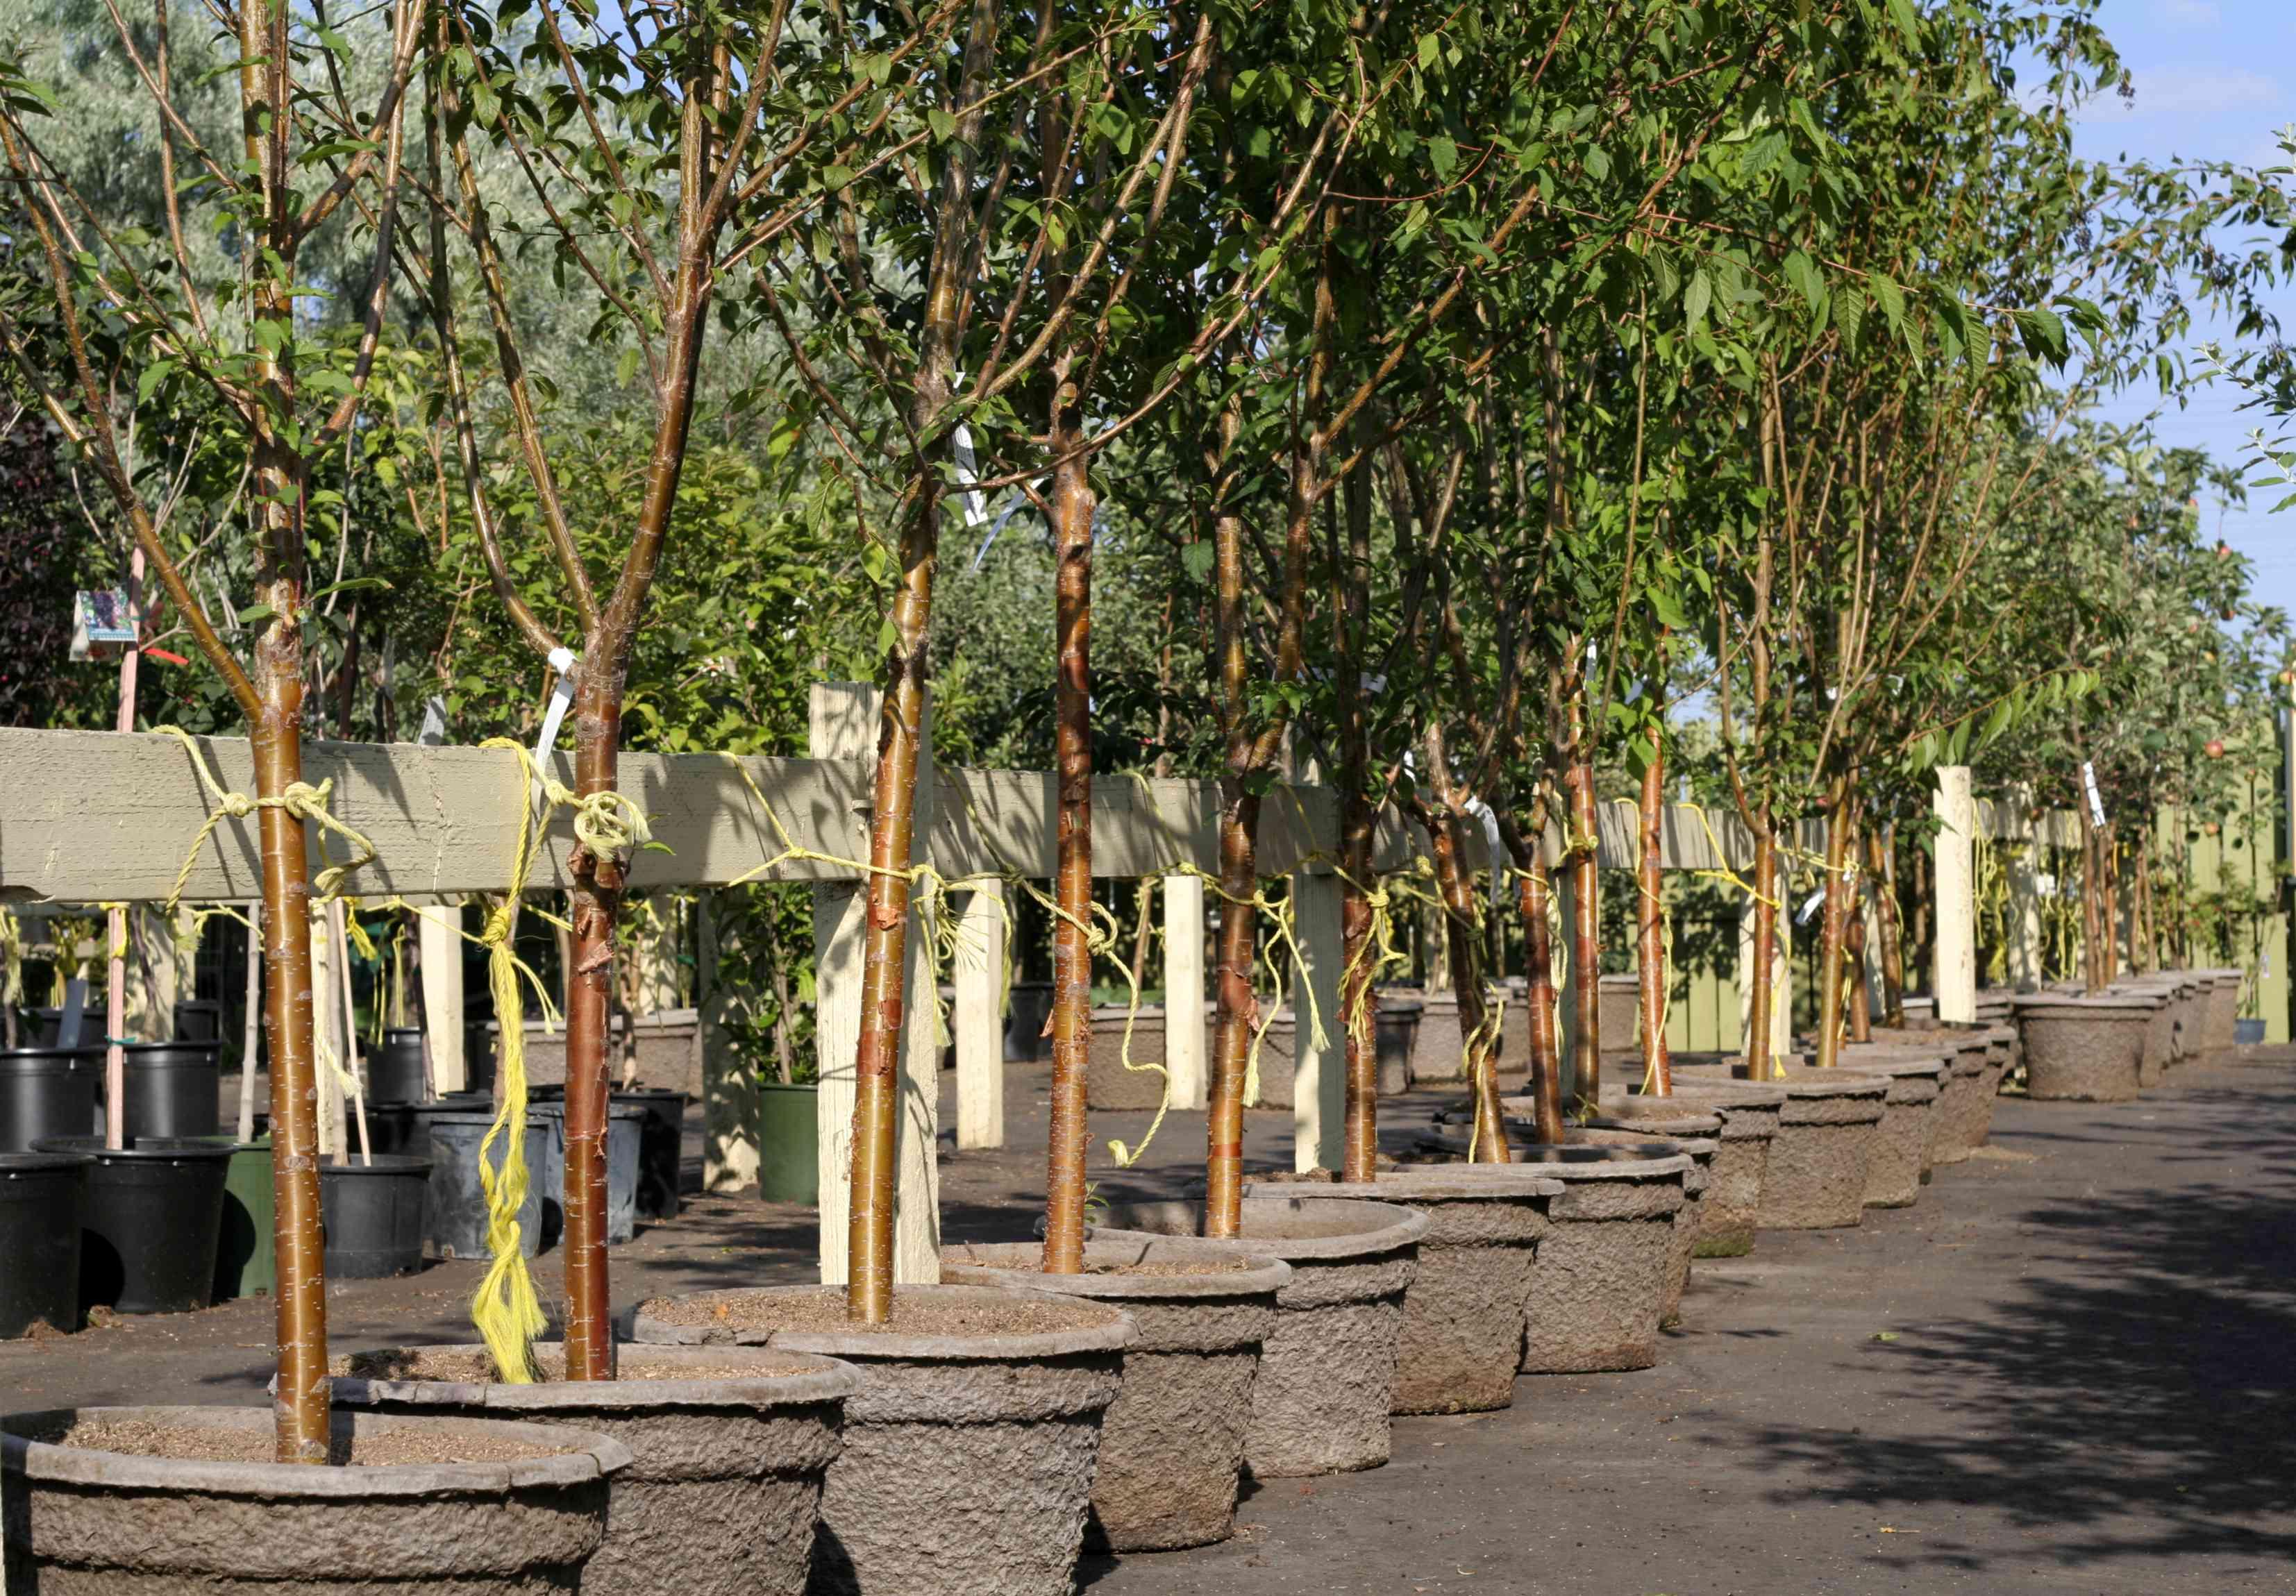 A row of trees at a garden nursery